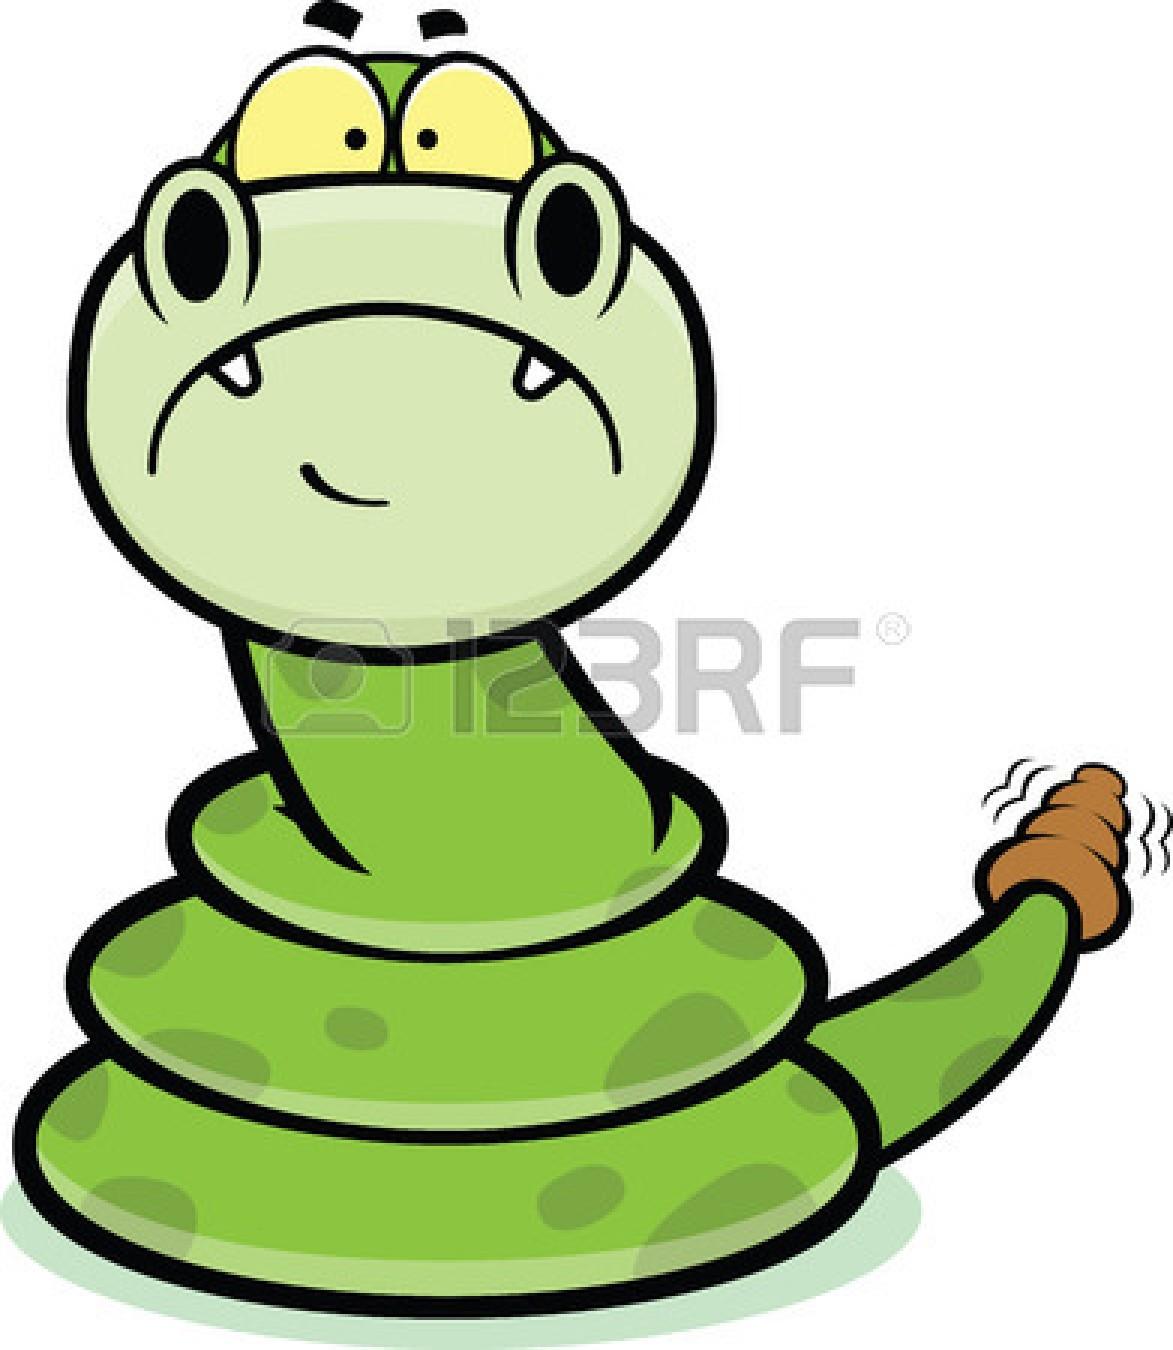 1173x1350 Rattlesnake clipart cute